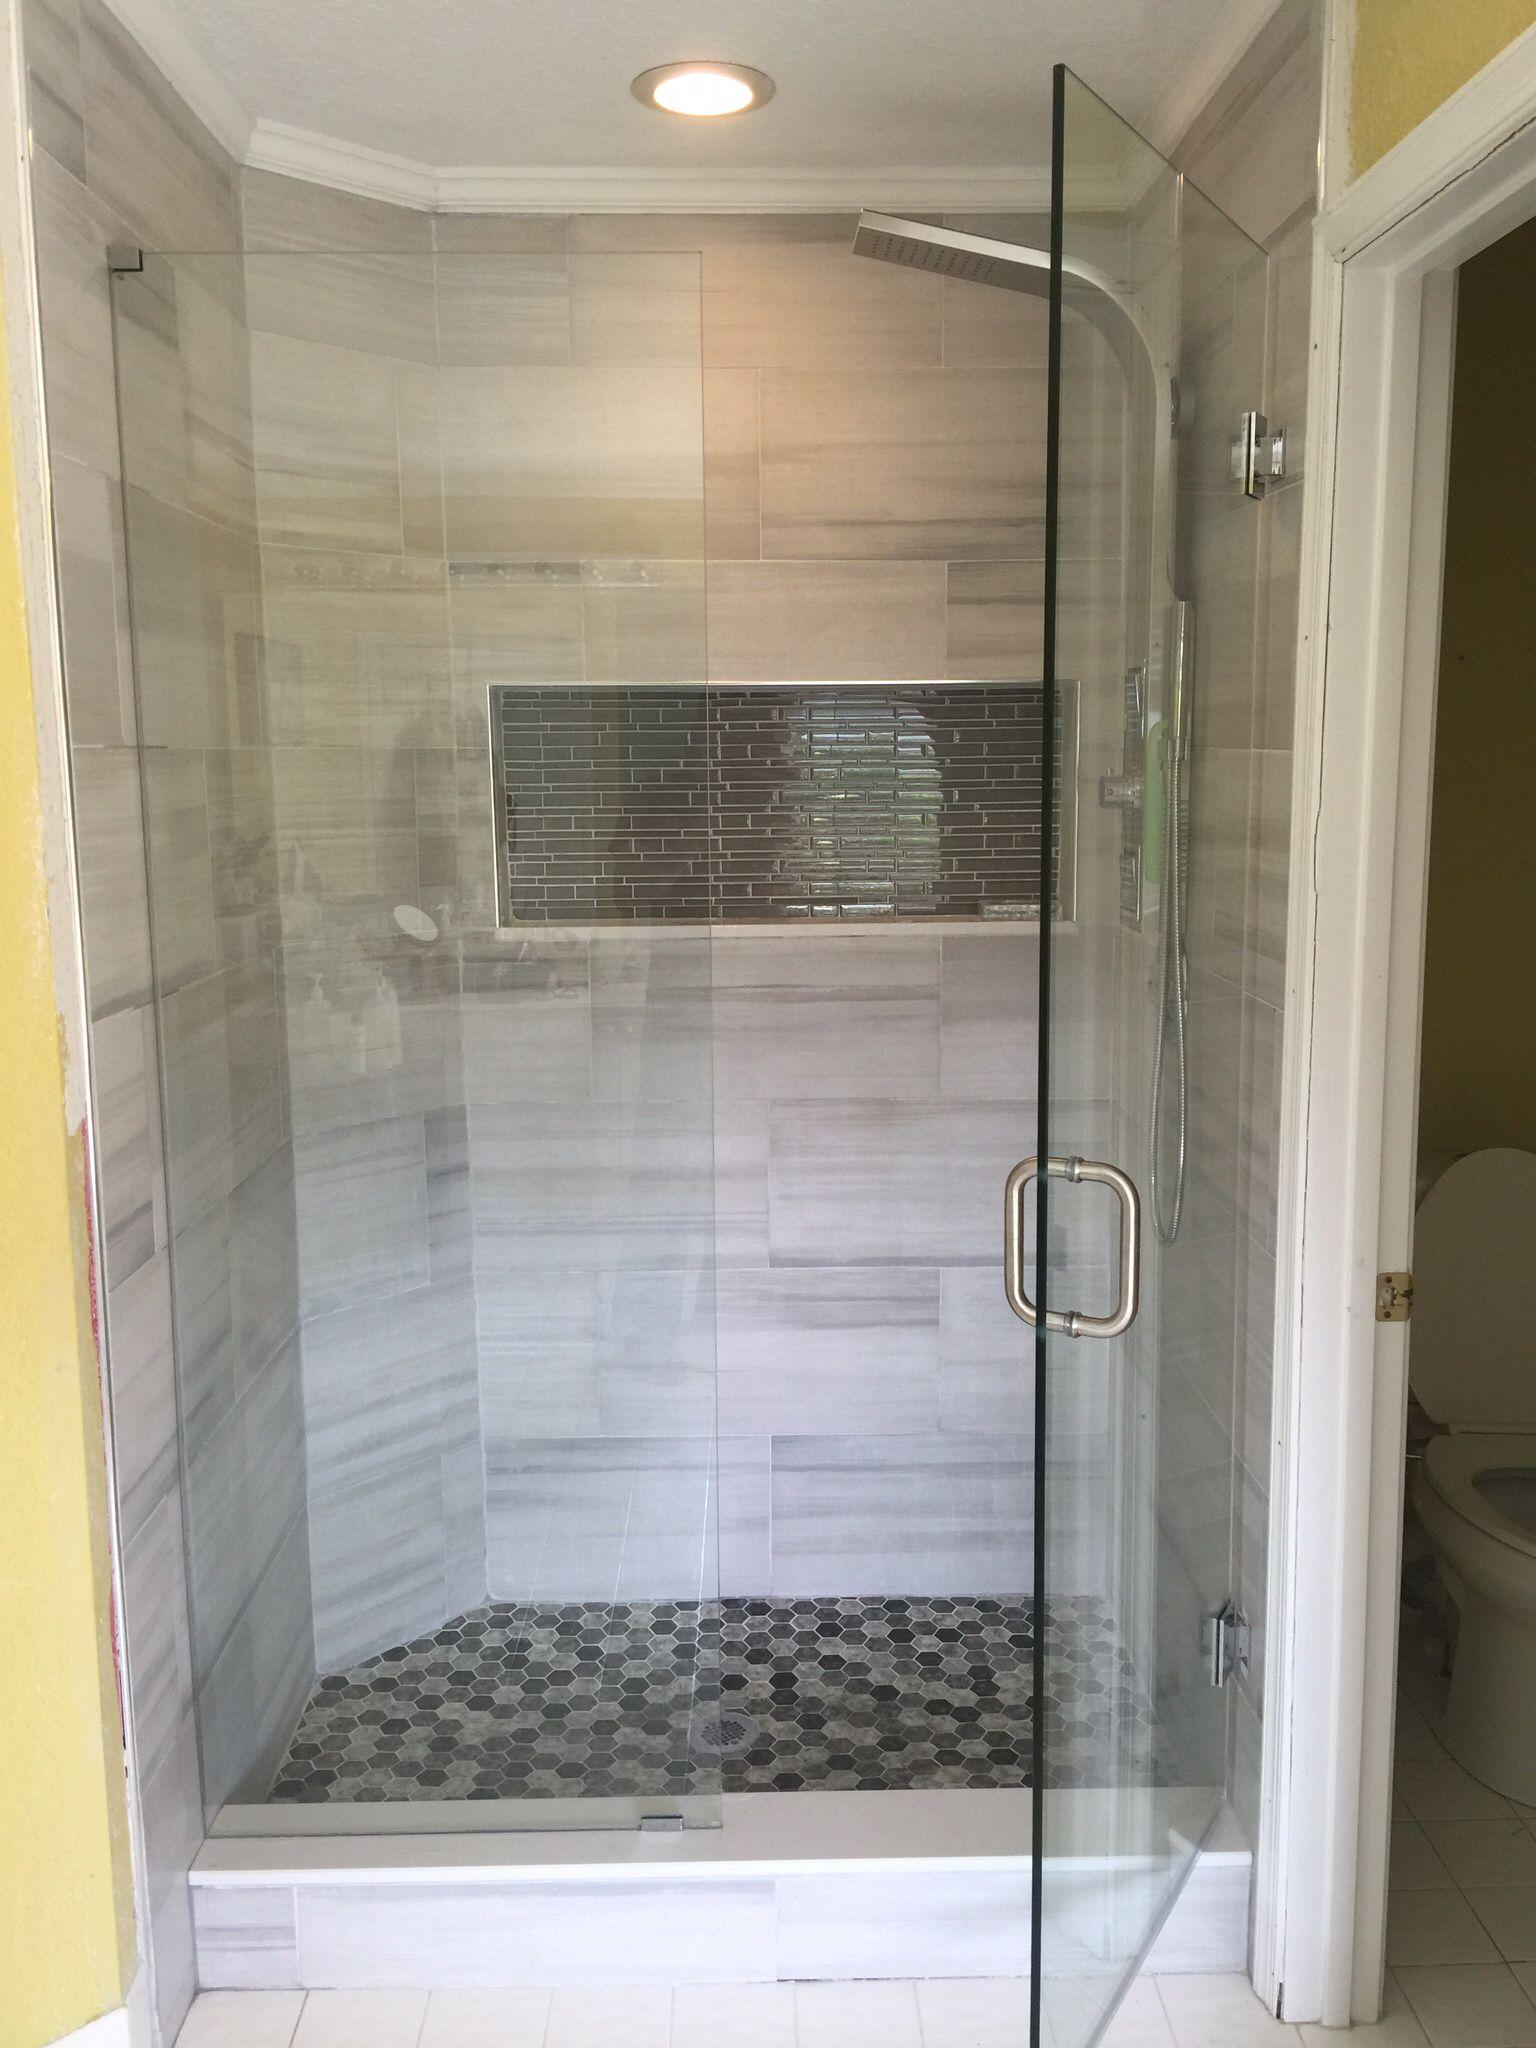 Frameless Shower Door Large Subway Tile Grey Tile Glass Mosaic Nook